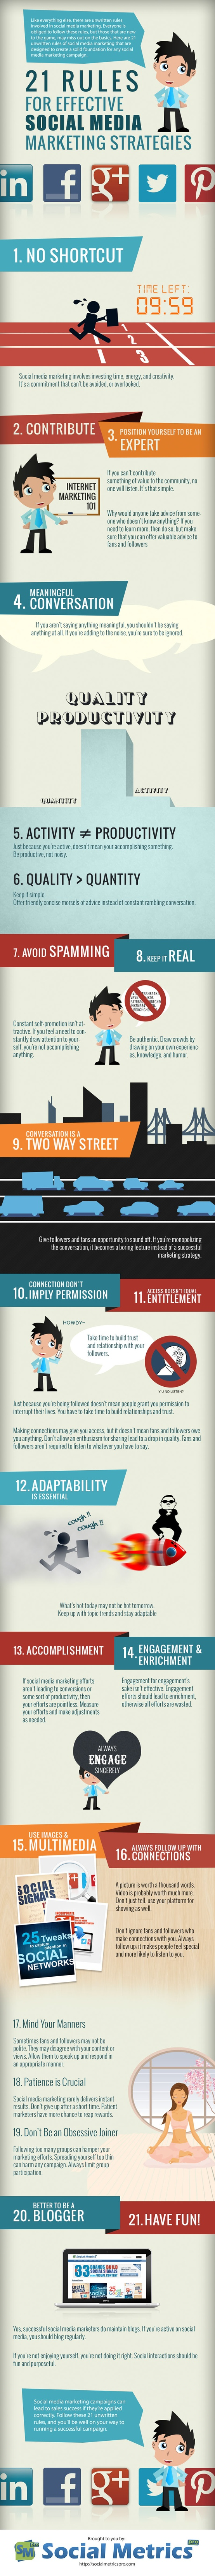 Social Media Marketing Stategies